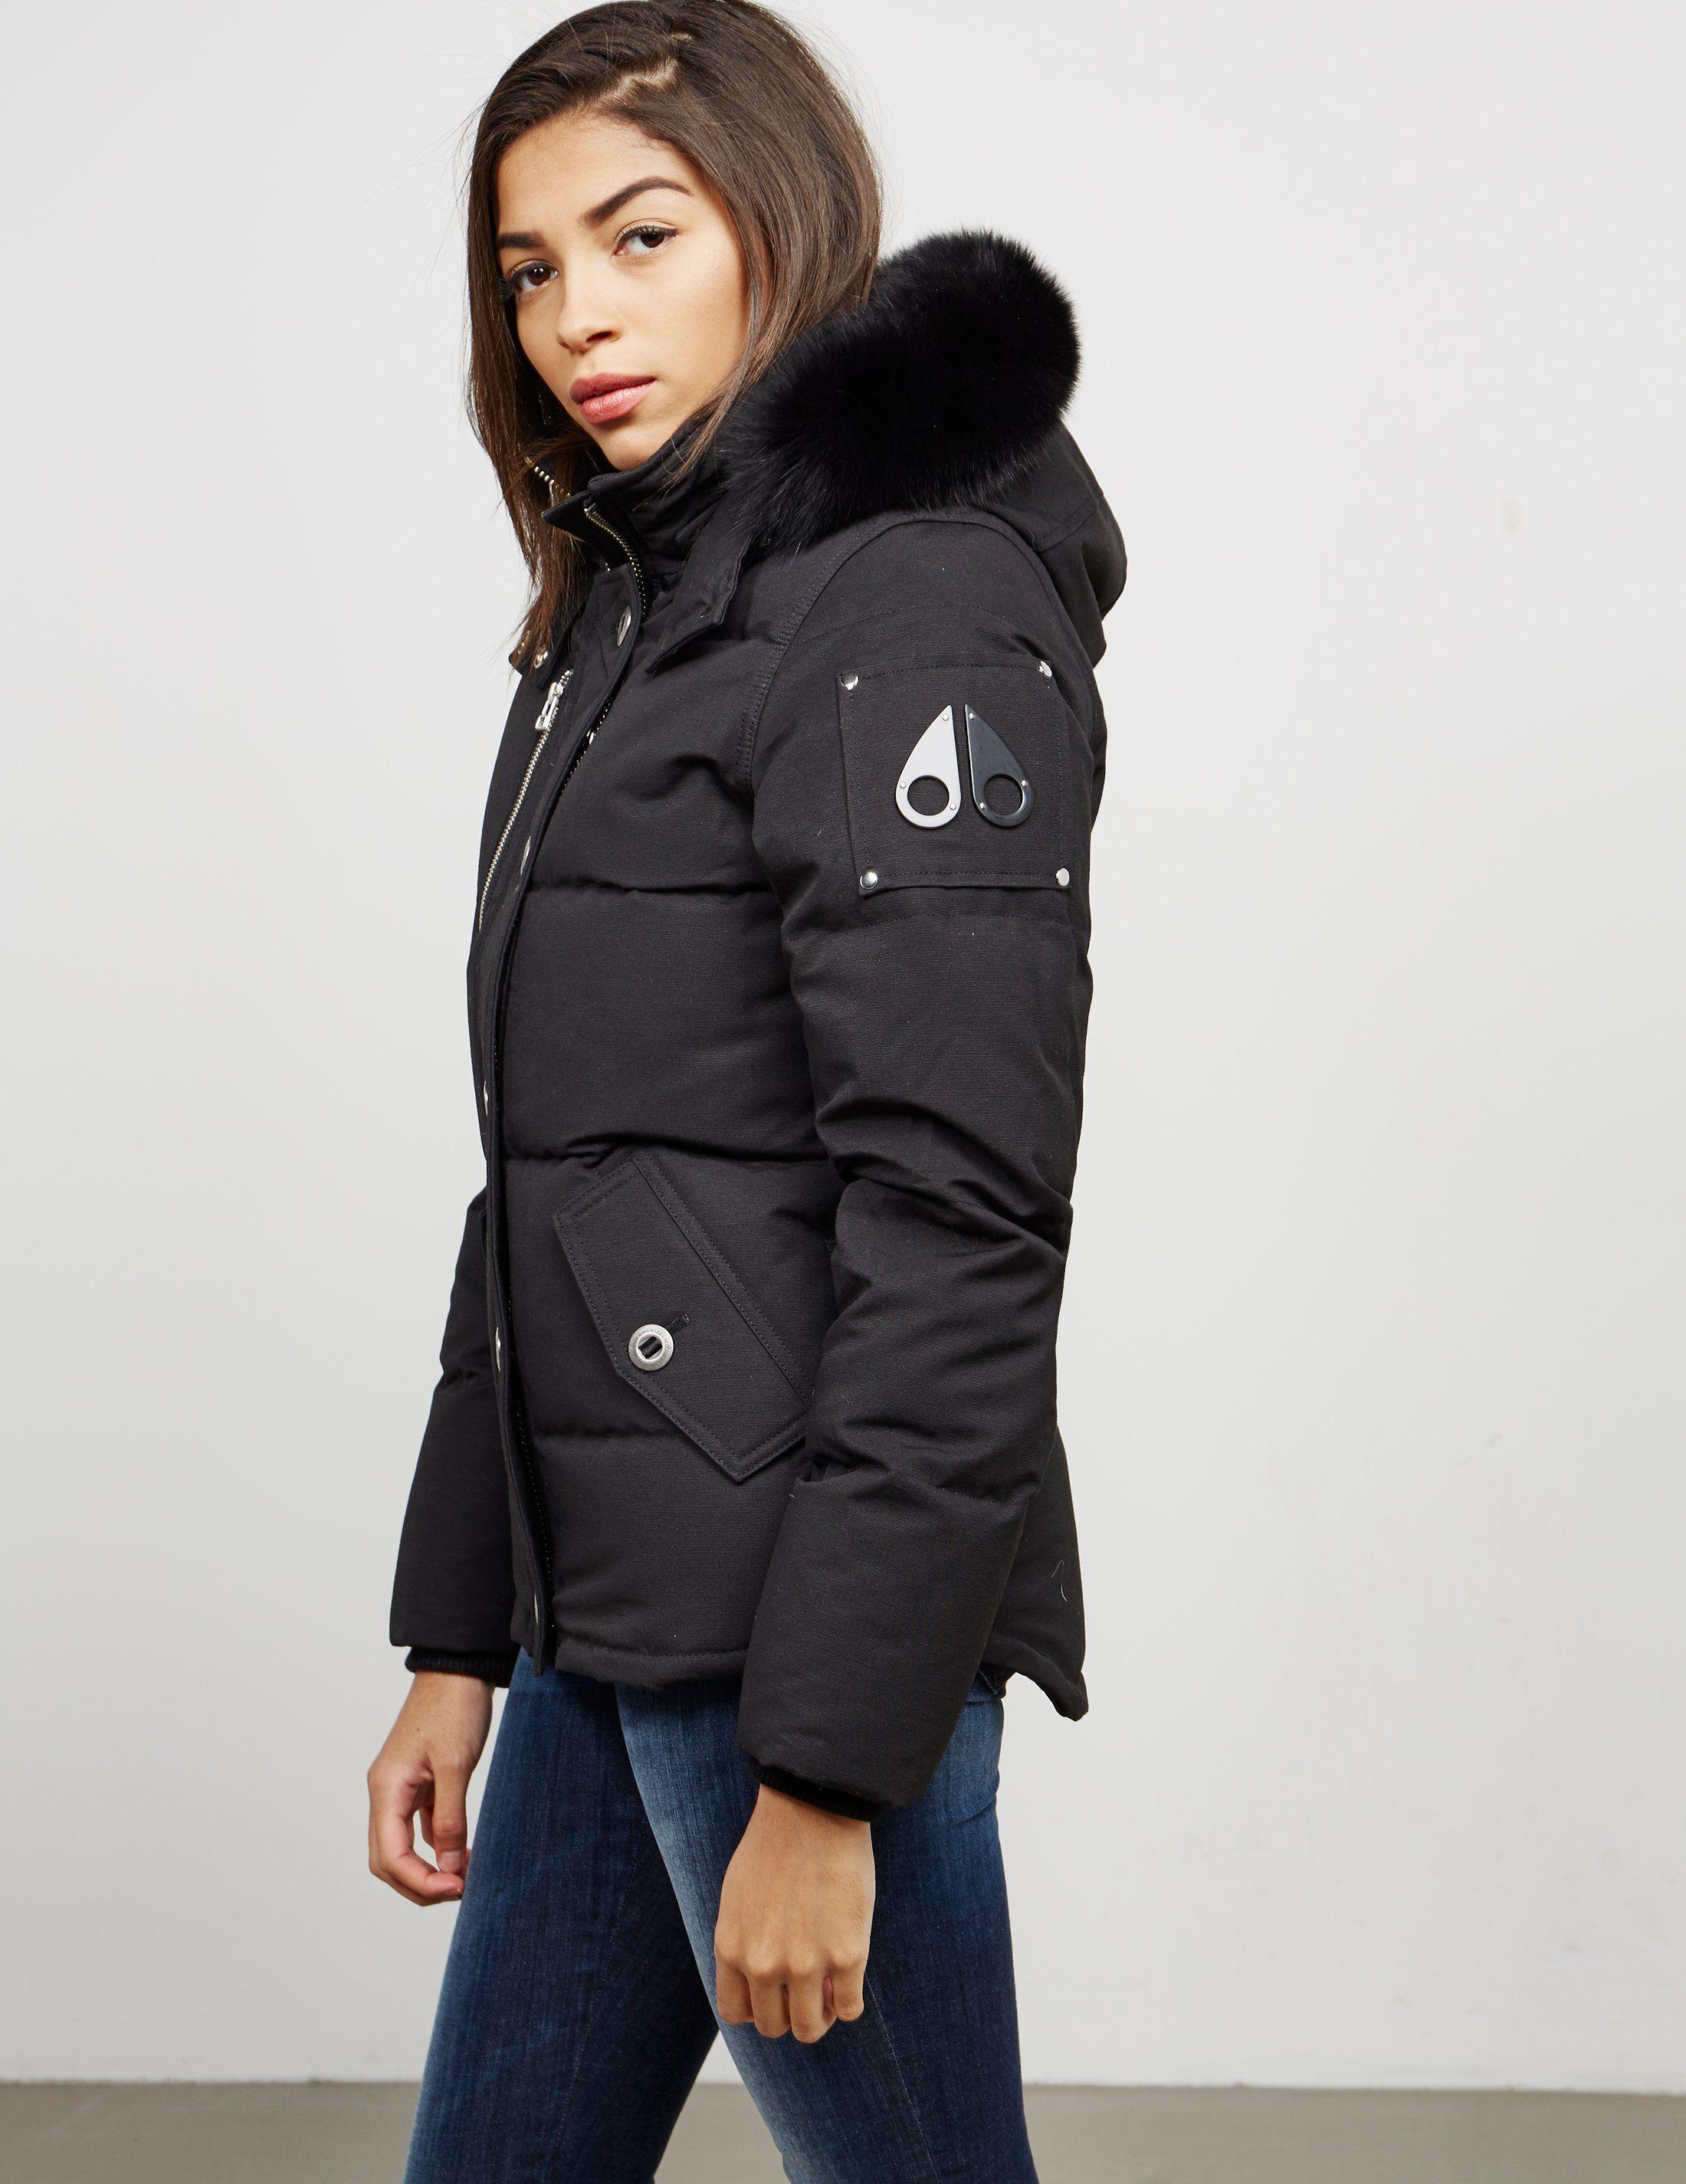 Bomber Jacket Womens Plus Size